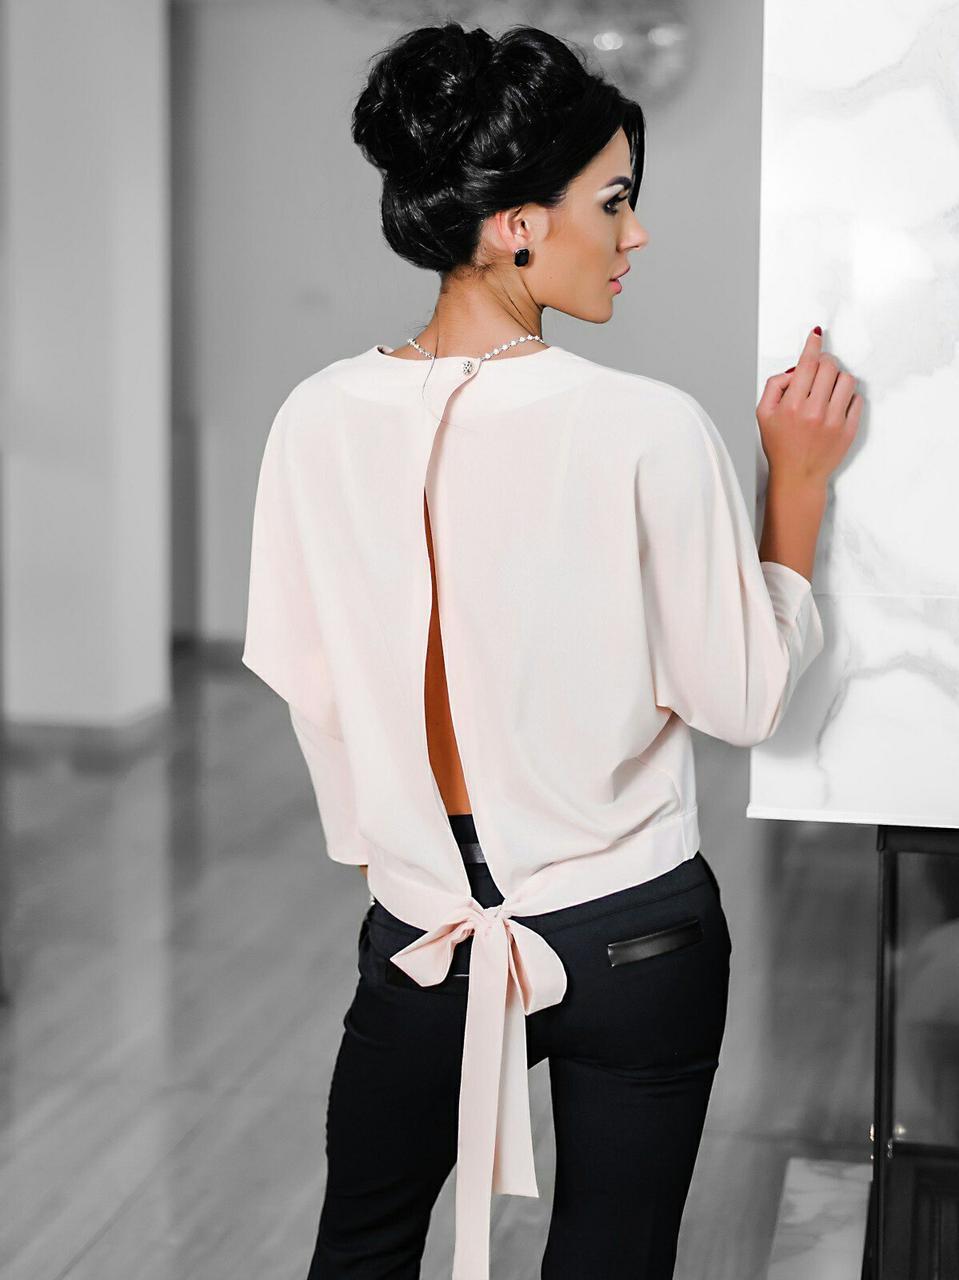 cb405908d96 Купить Женская свободная блузка летучая мышь р-ры 46-50 в Одессе от ...